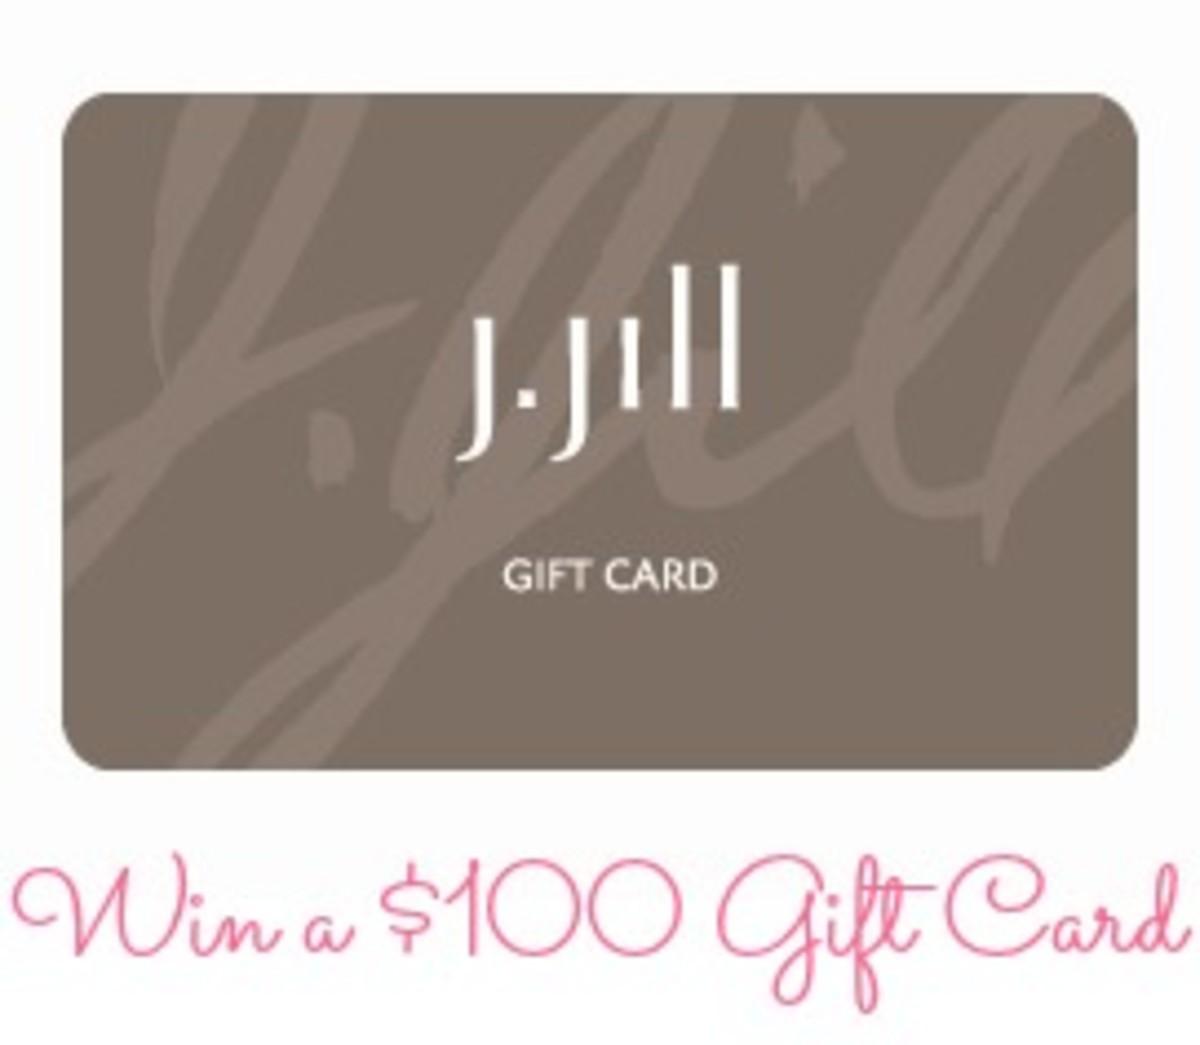 JJill Giveaway